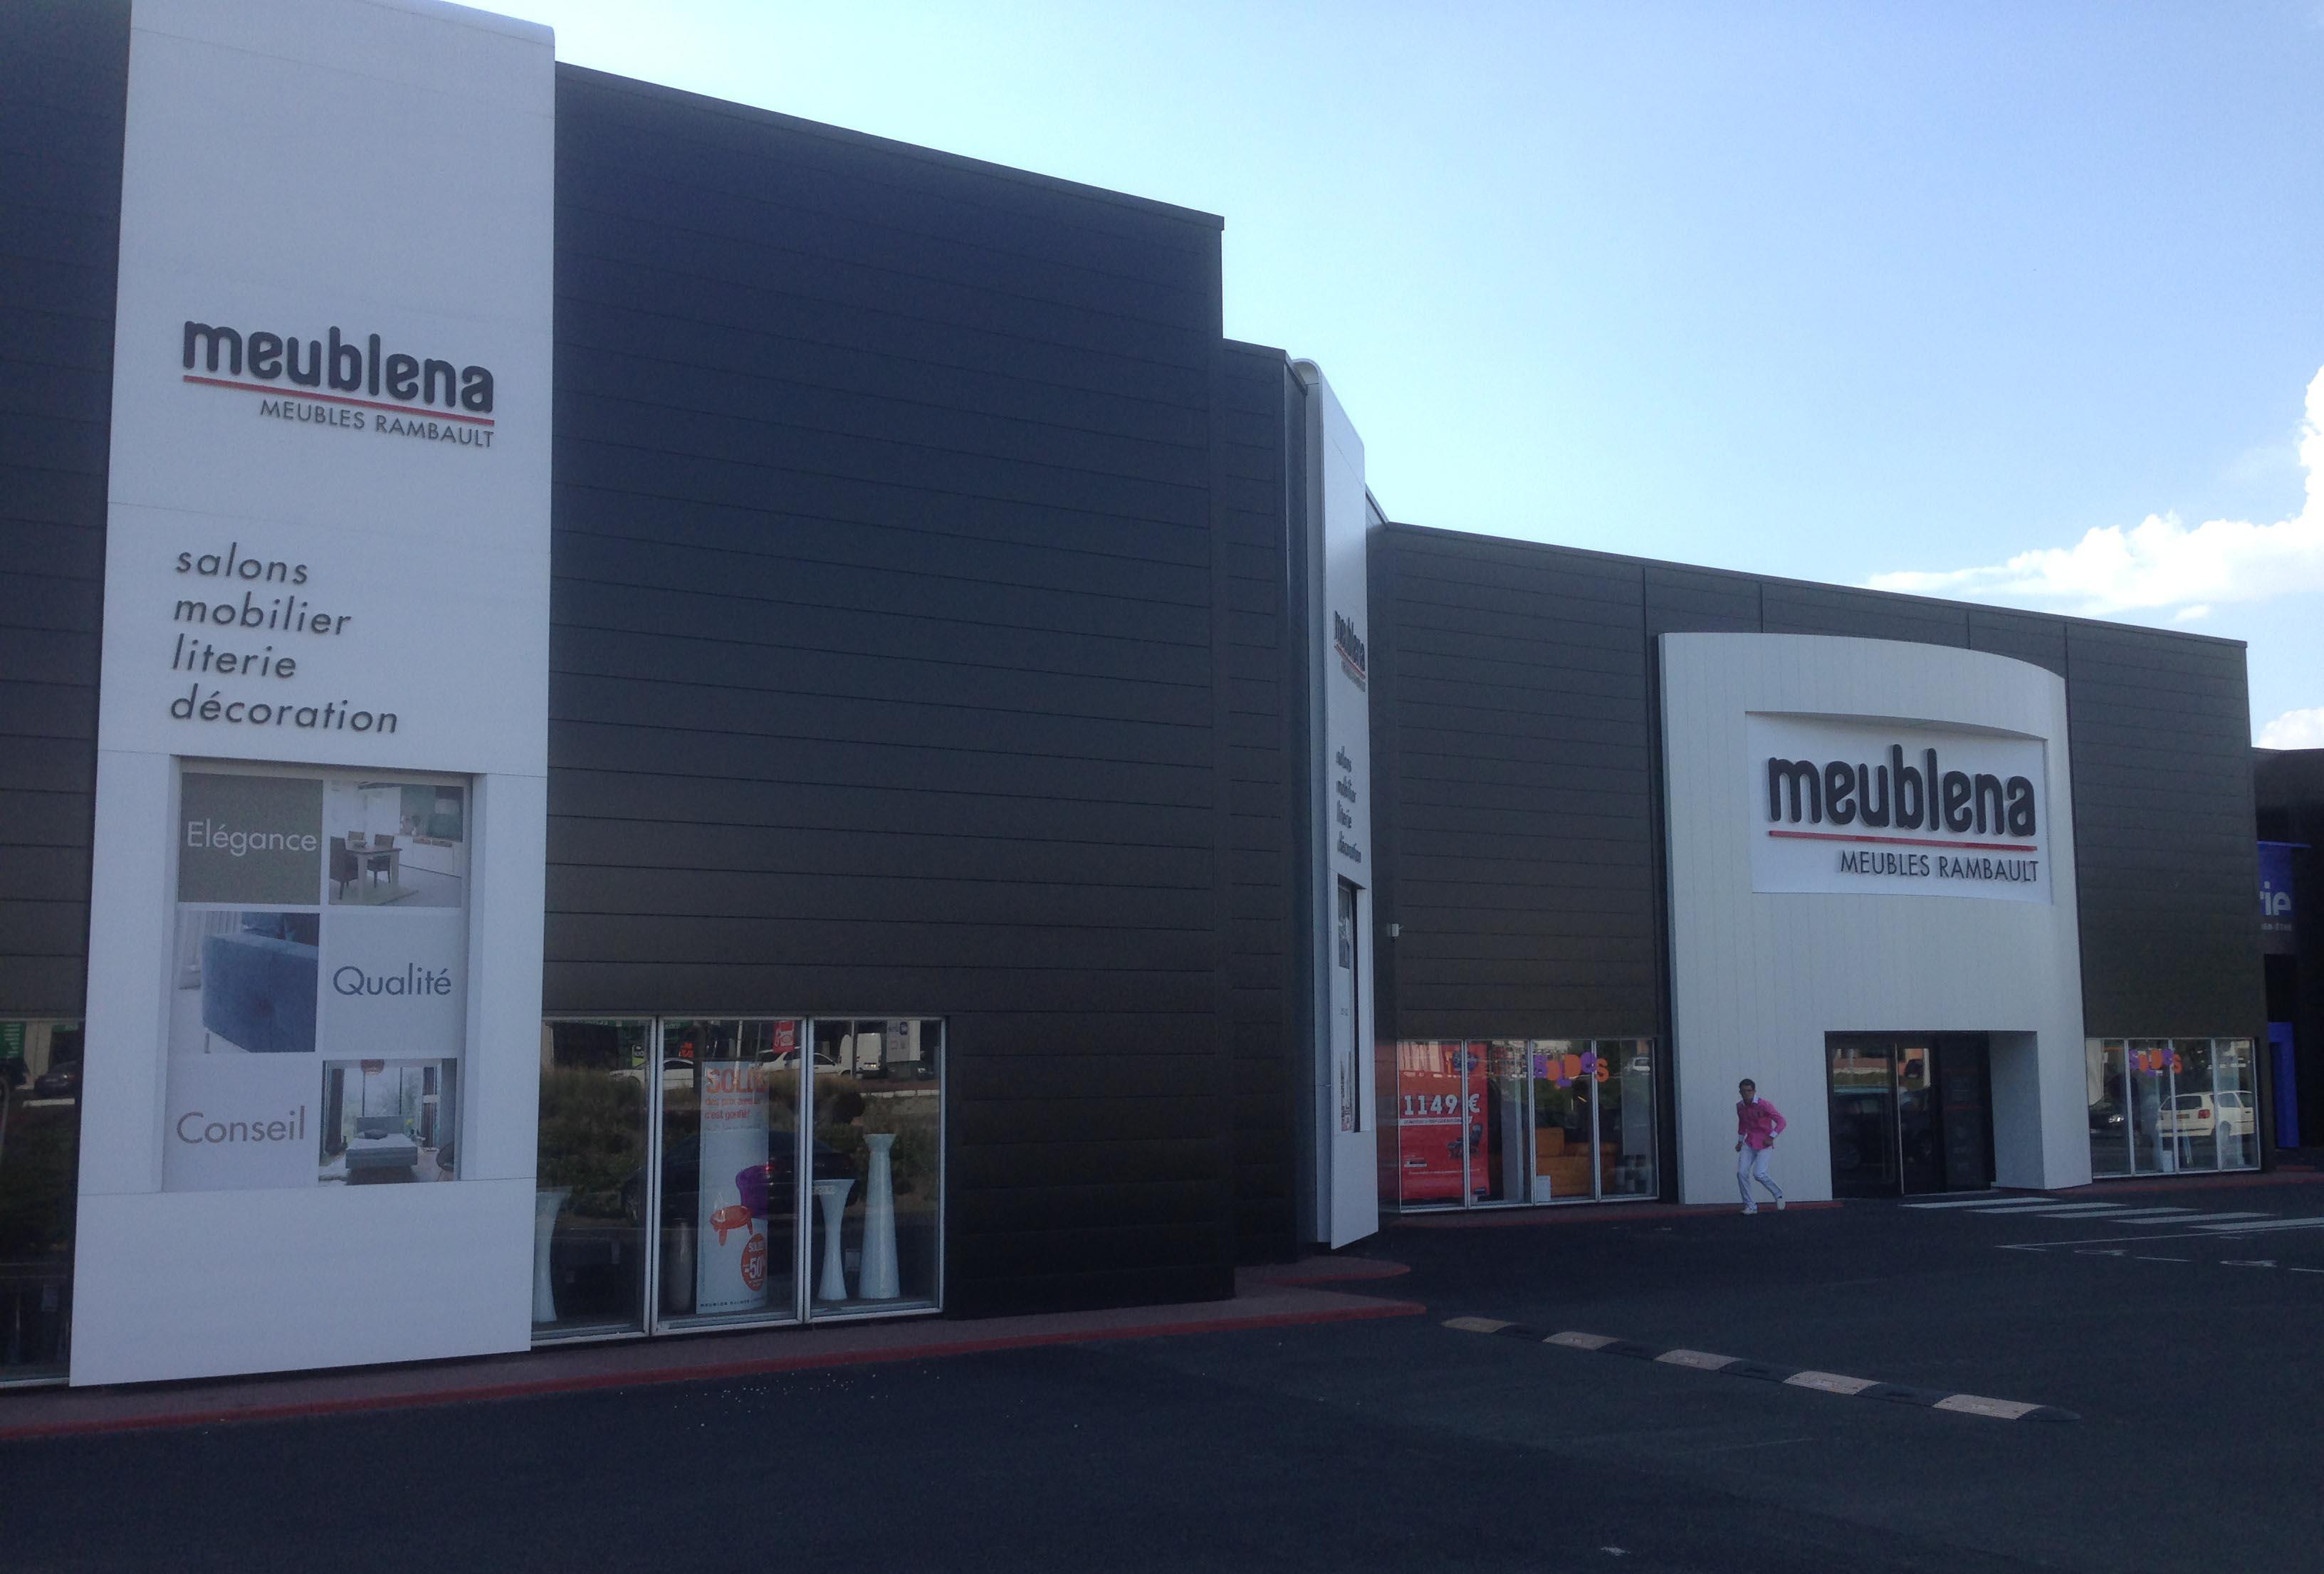 Rambault Meubles Angers Meubles Celio Fabricant Francais